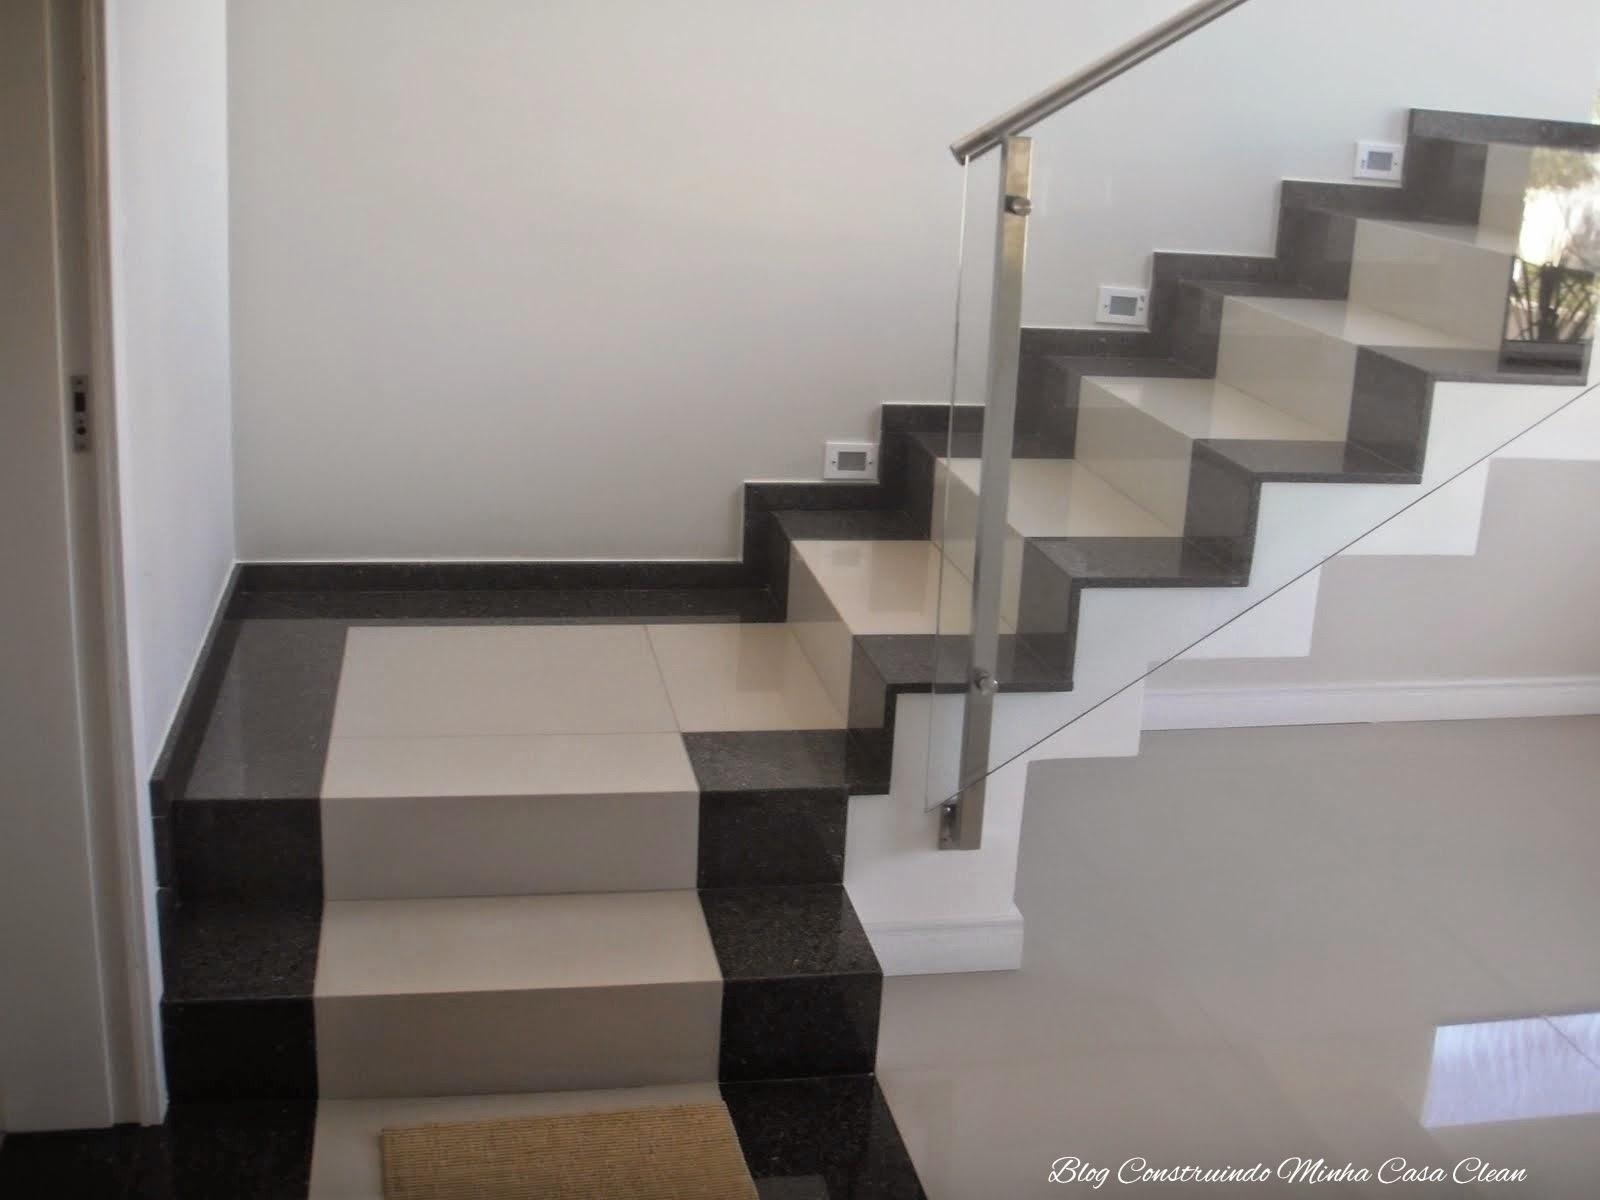 Construindo minha casa clean escadas de porcelanato veja for Ceramica de porcelanato